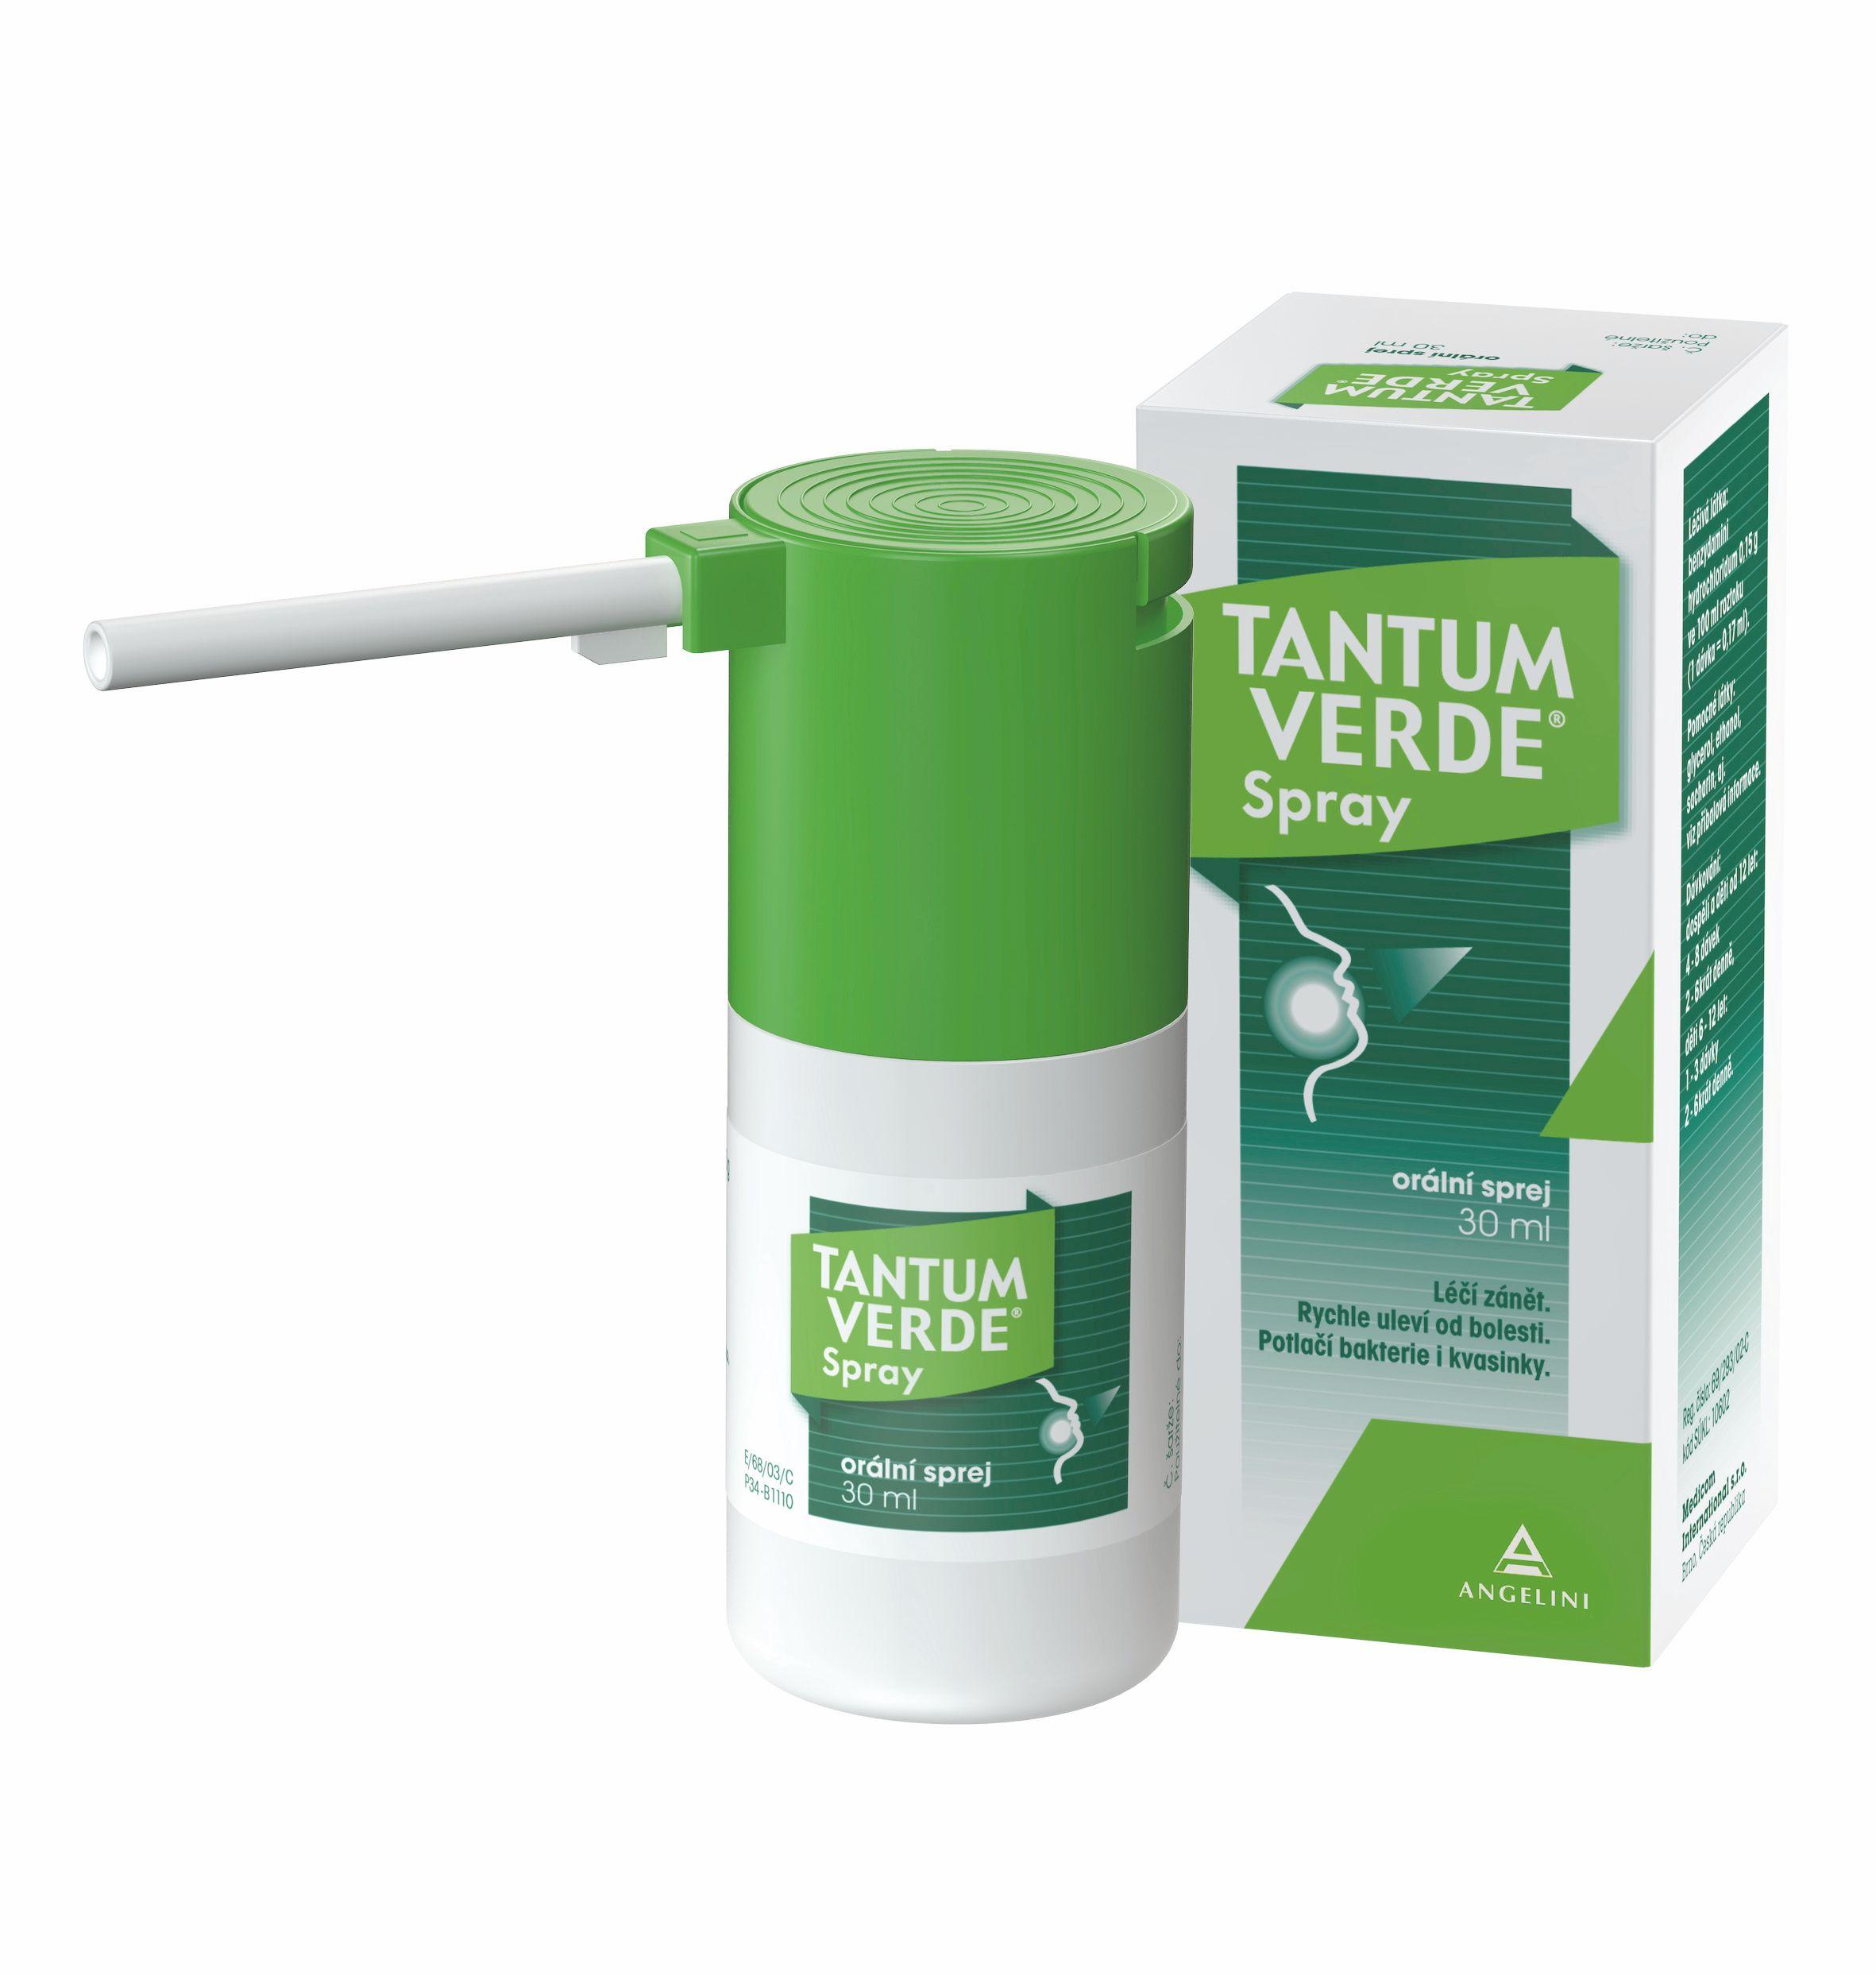 E-shop Tantum verde Spray 0,15% ústní sprej 30 ml